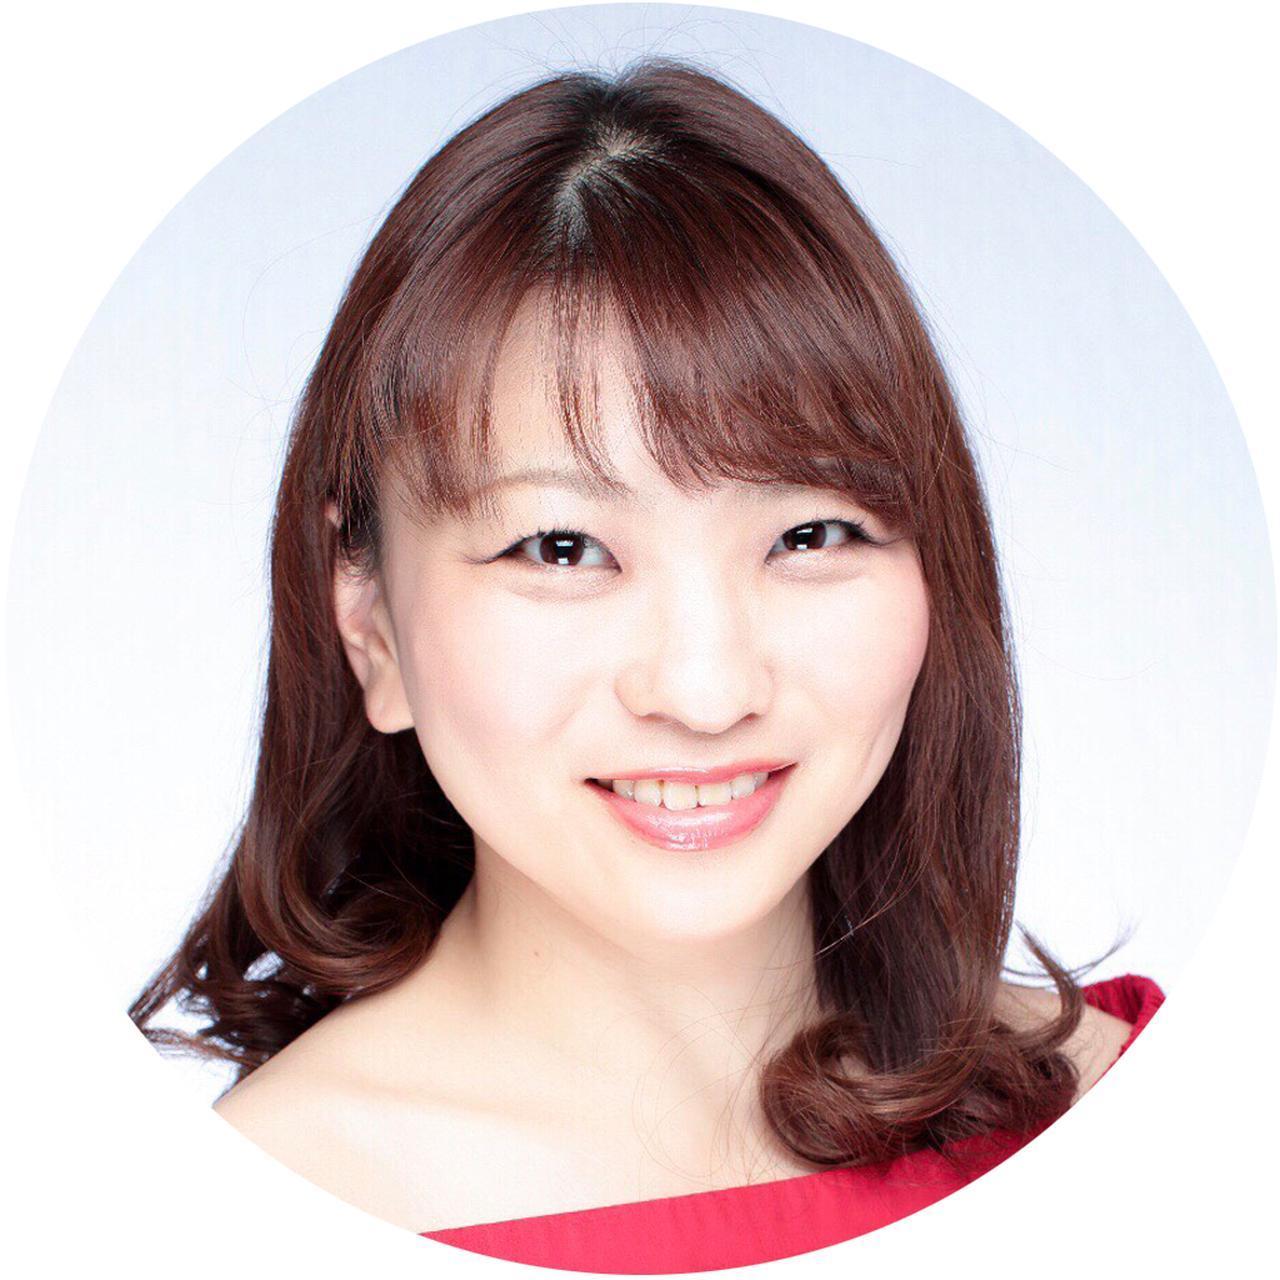 画像: 【先生】KAORI KAORI♡heart エクササイズ&ストレッチスタジオ代表。KAORI式フィットネスで習慣化できるエクササイズを考案。スタジオレッスンのほか、インストラクター養成も行う